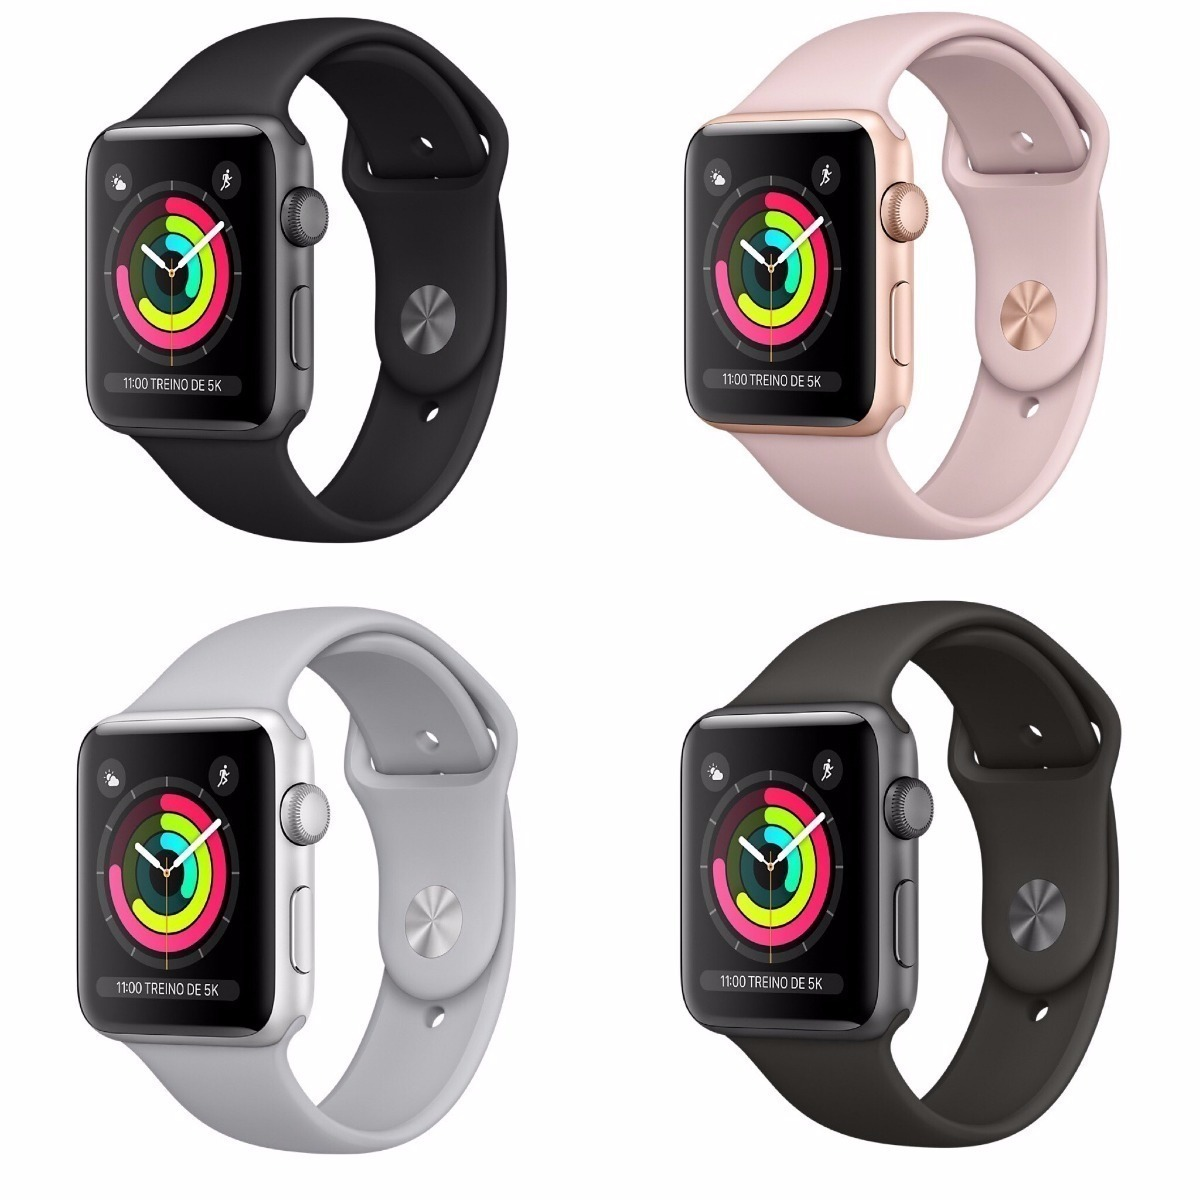 2806cc501e5 relógio apple watch serie 3 gps 42 38mm prova d água lacrado. Carregando  zoom.